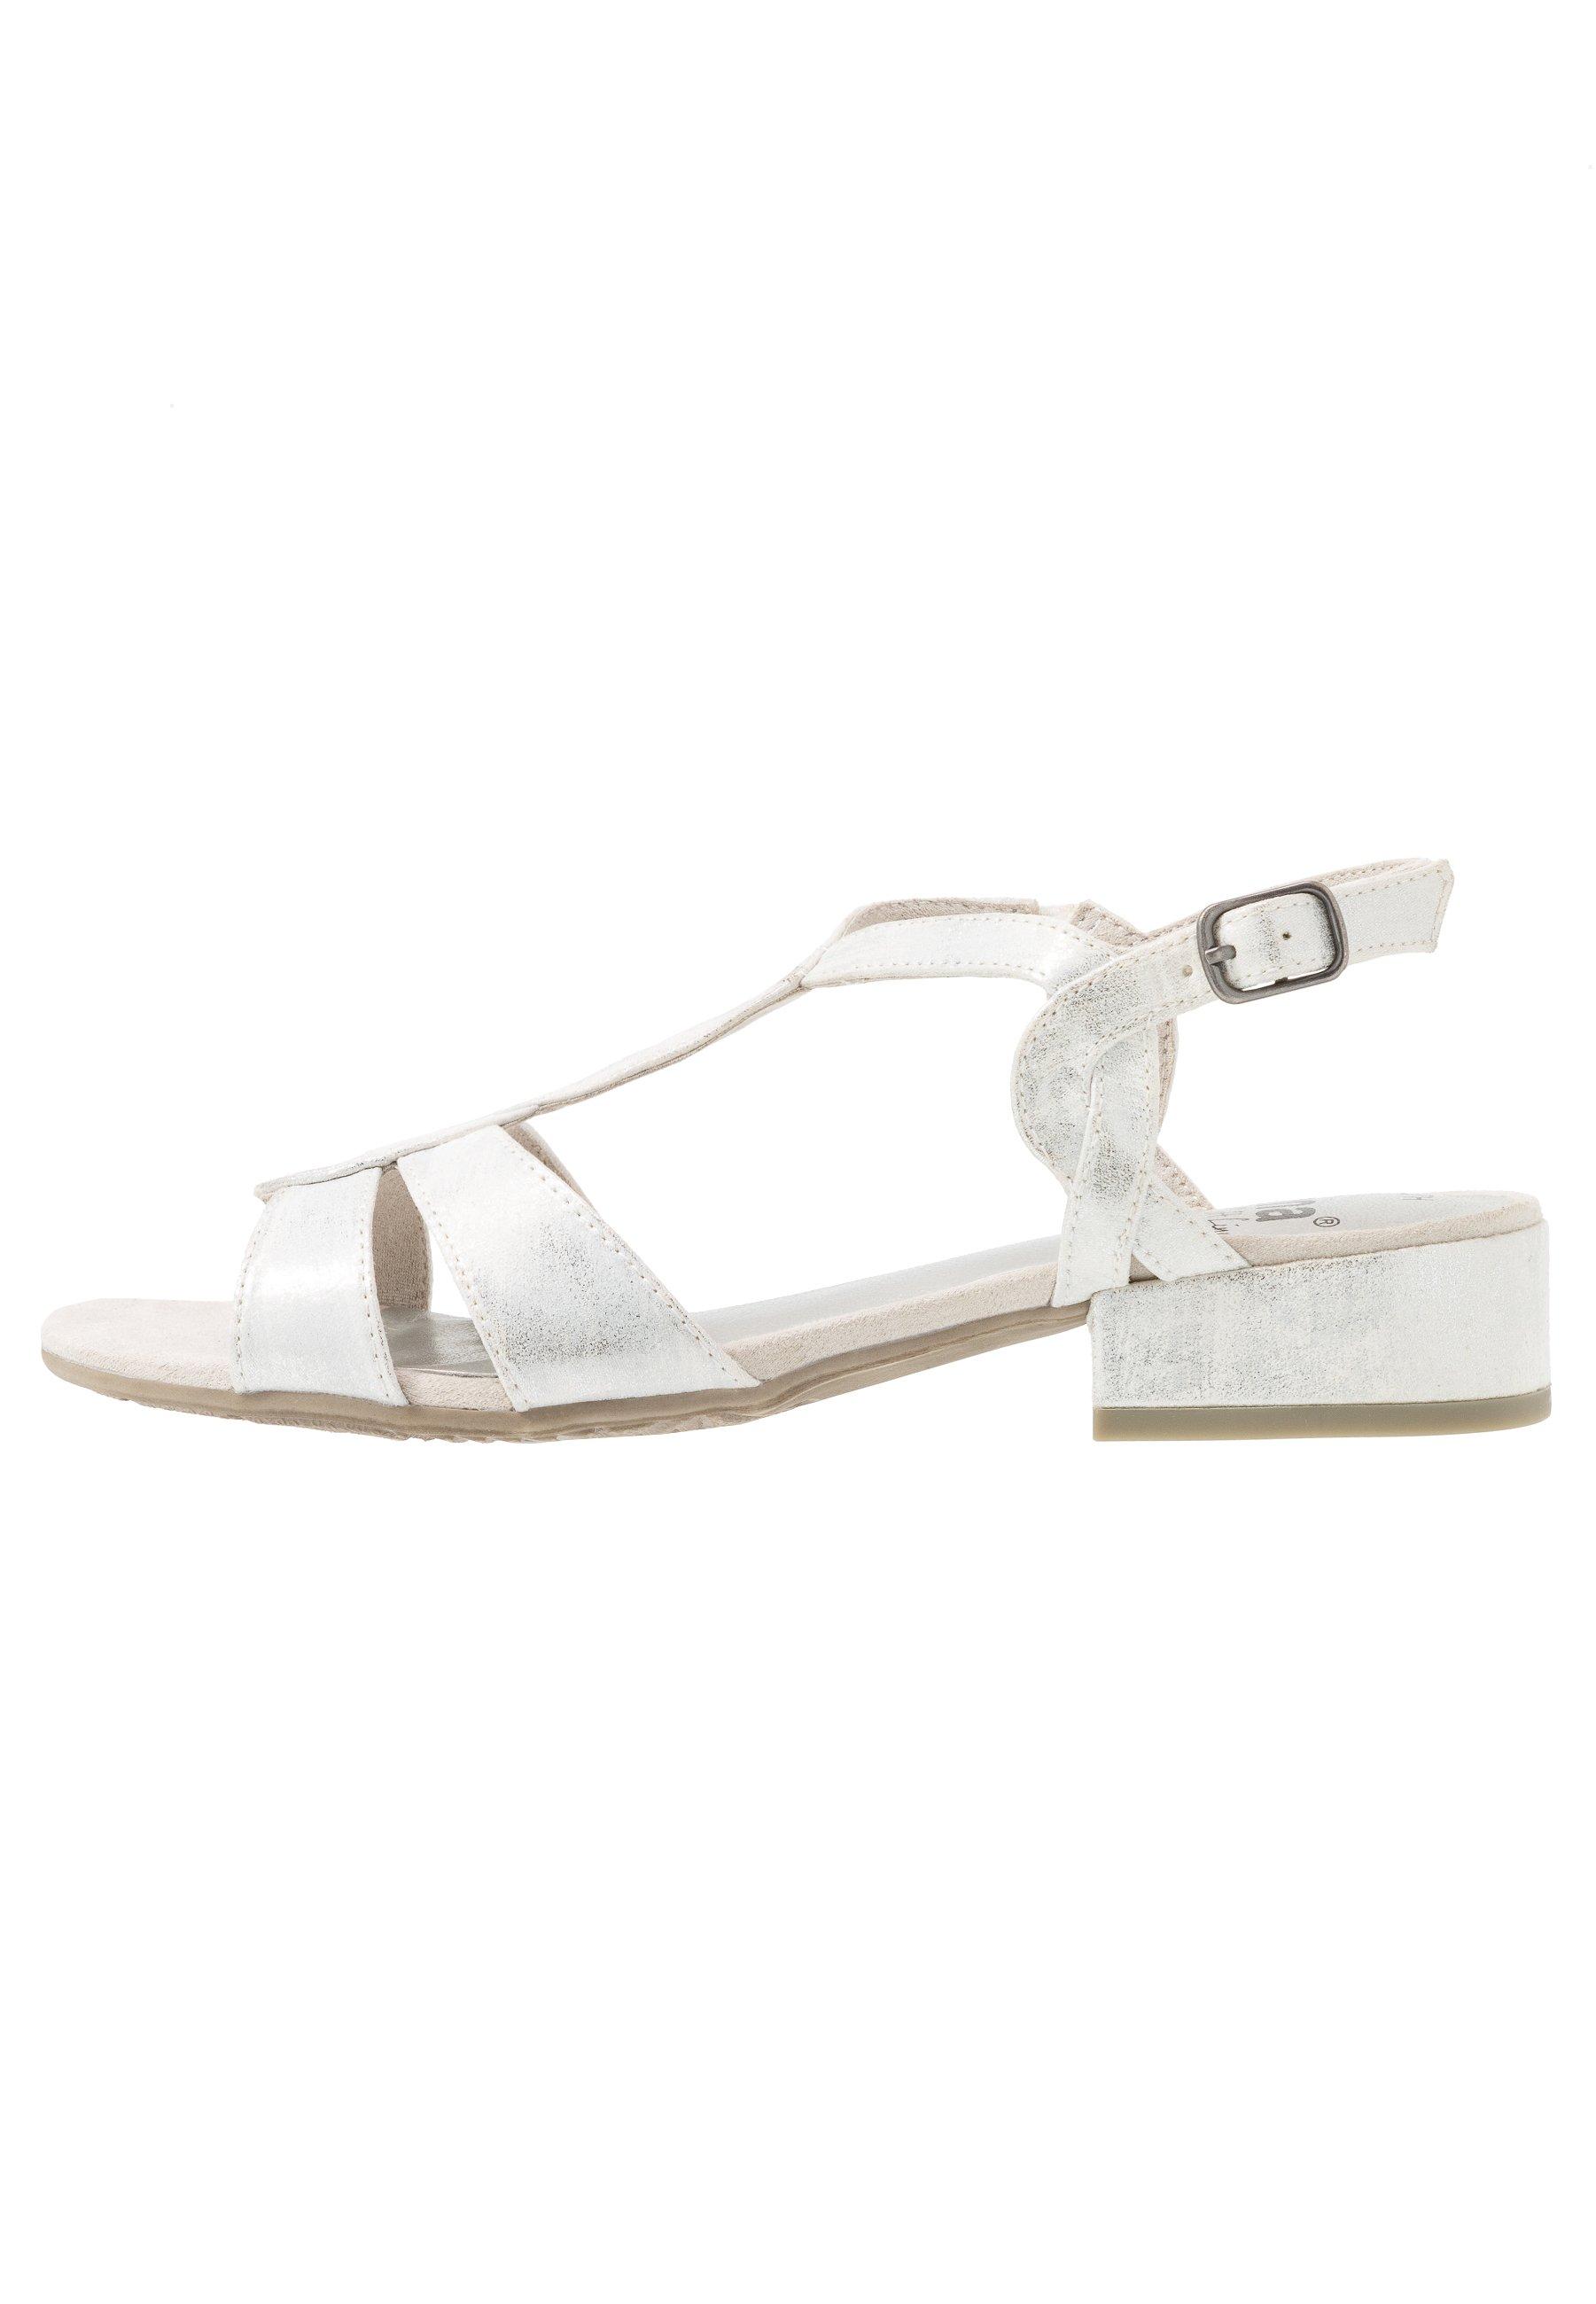 Jana Riemensandalette - white/metallic cLboTC